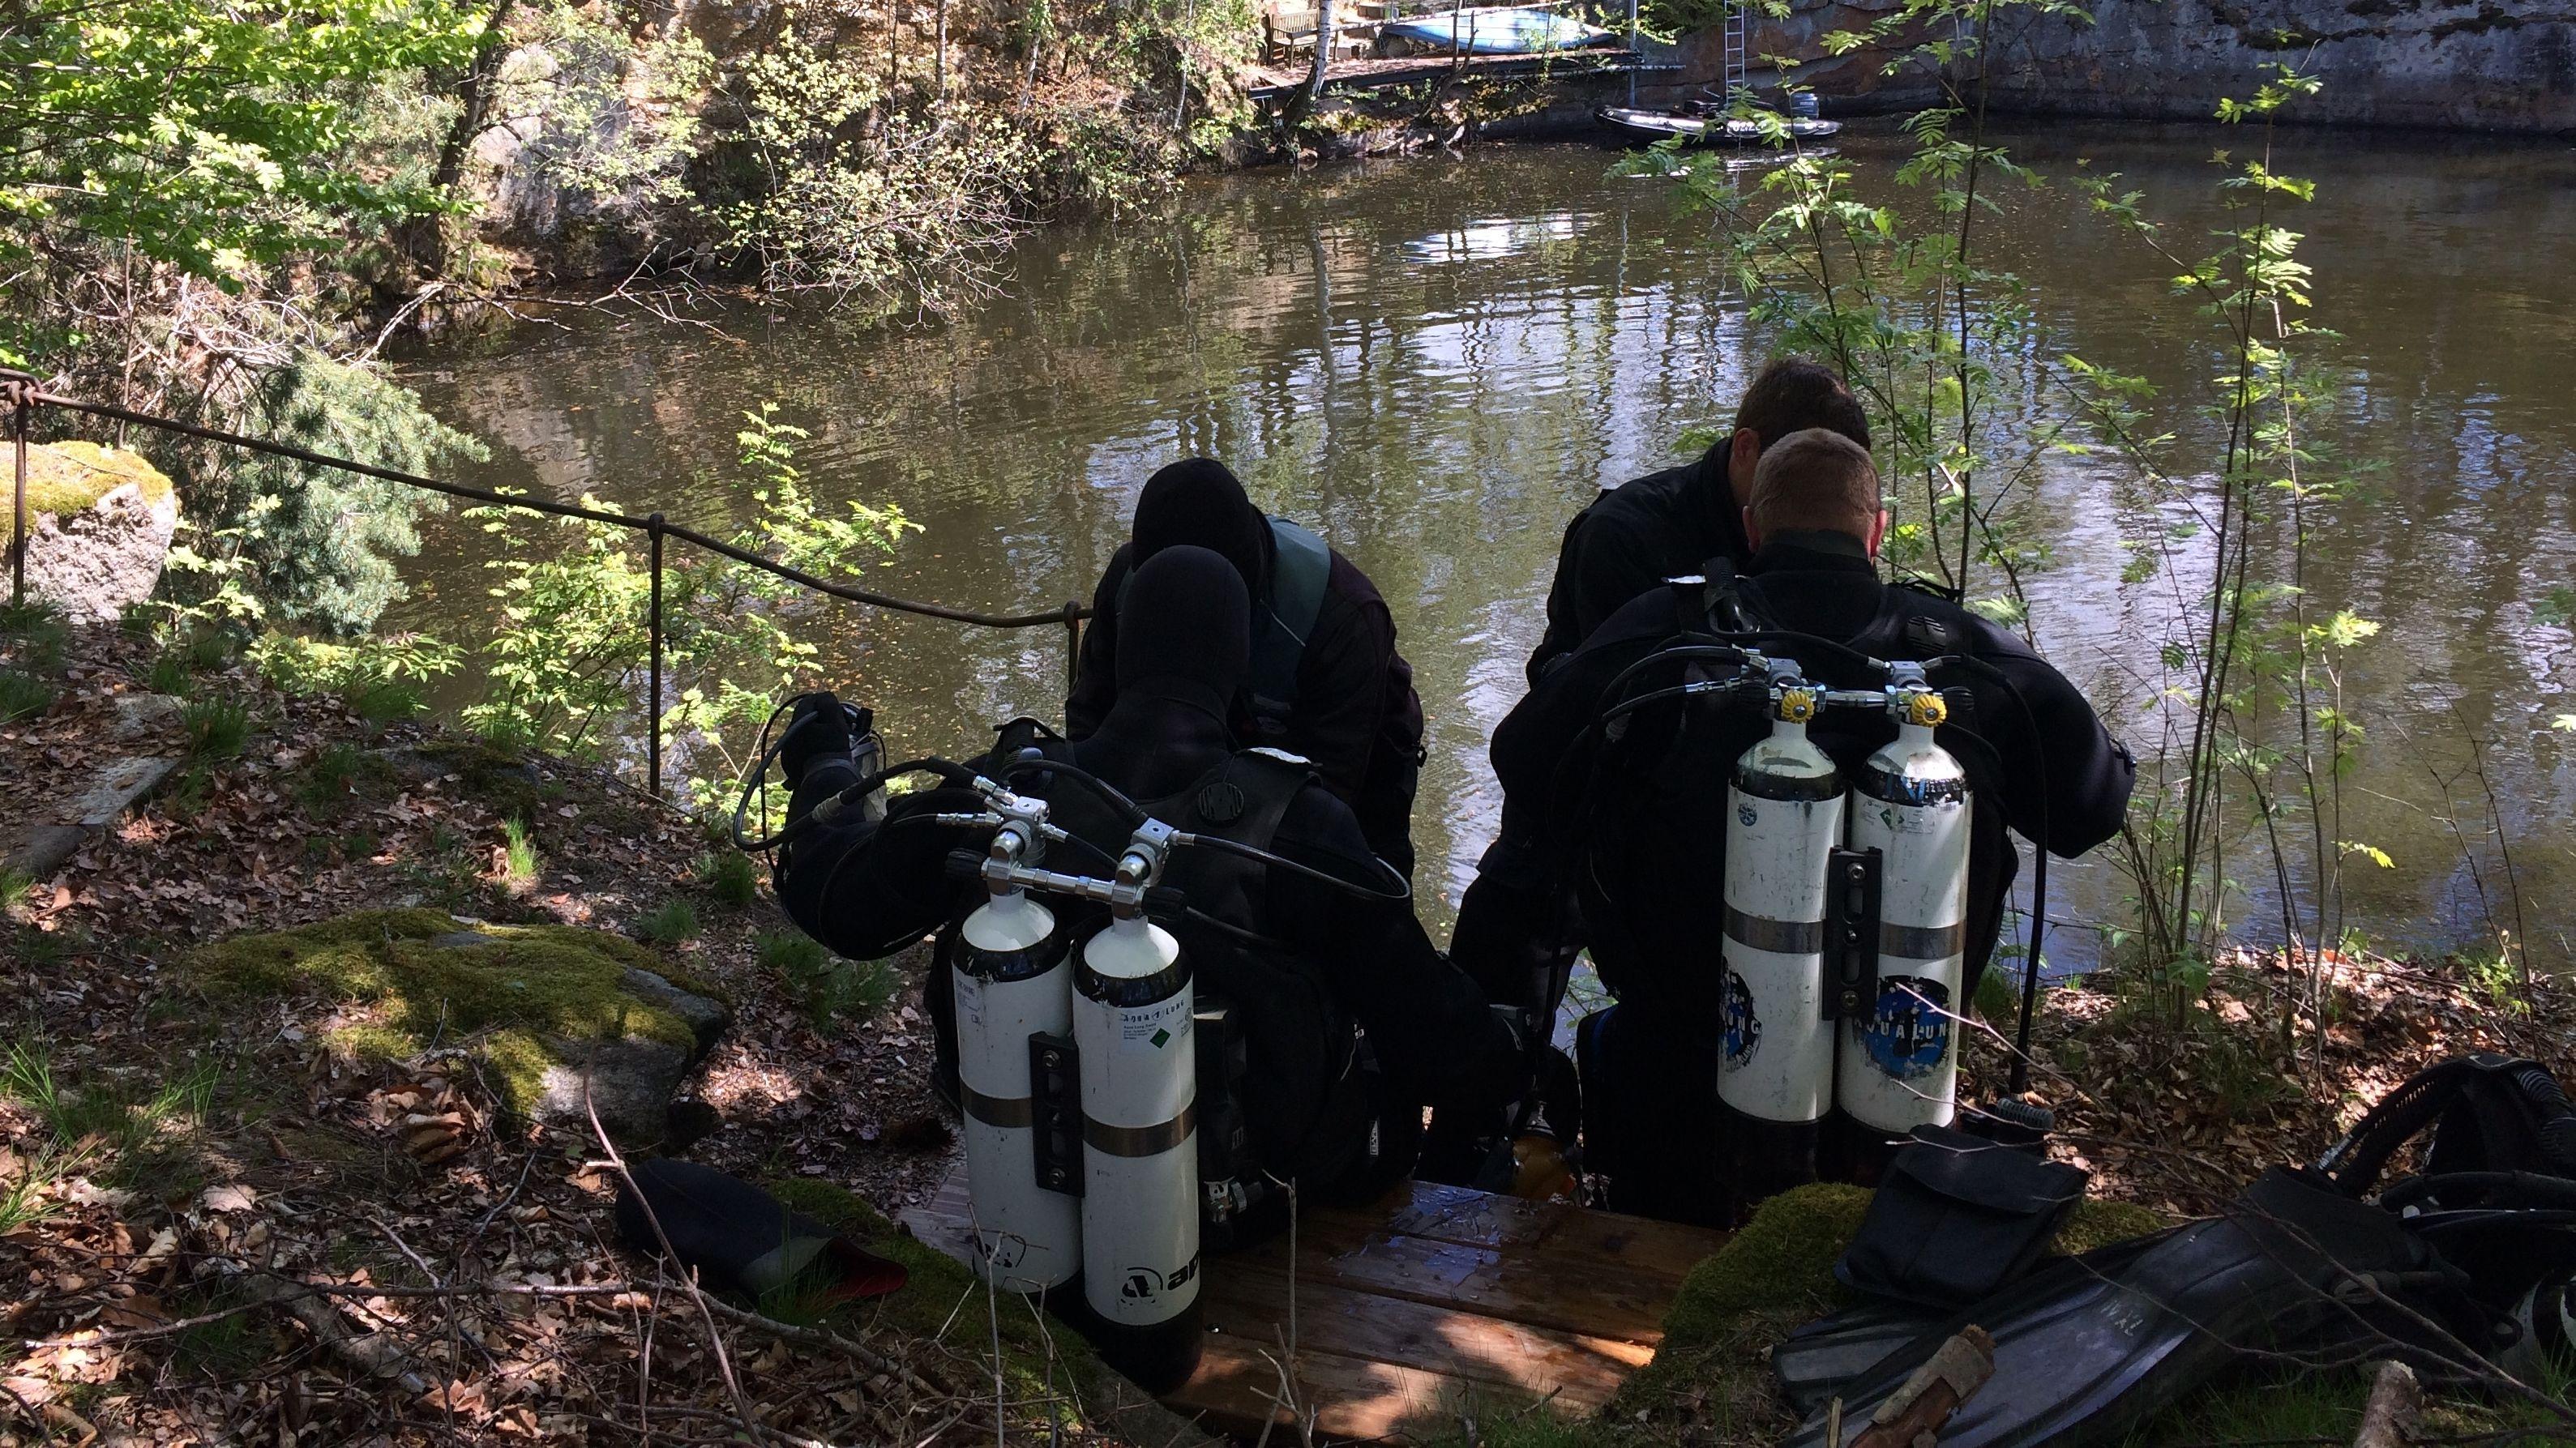 Vier Polizeitaucher am Ufer eines Weihers in der Ortschaft Waldkirch.